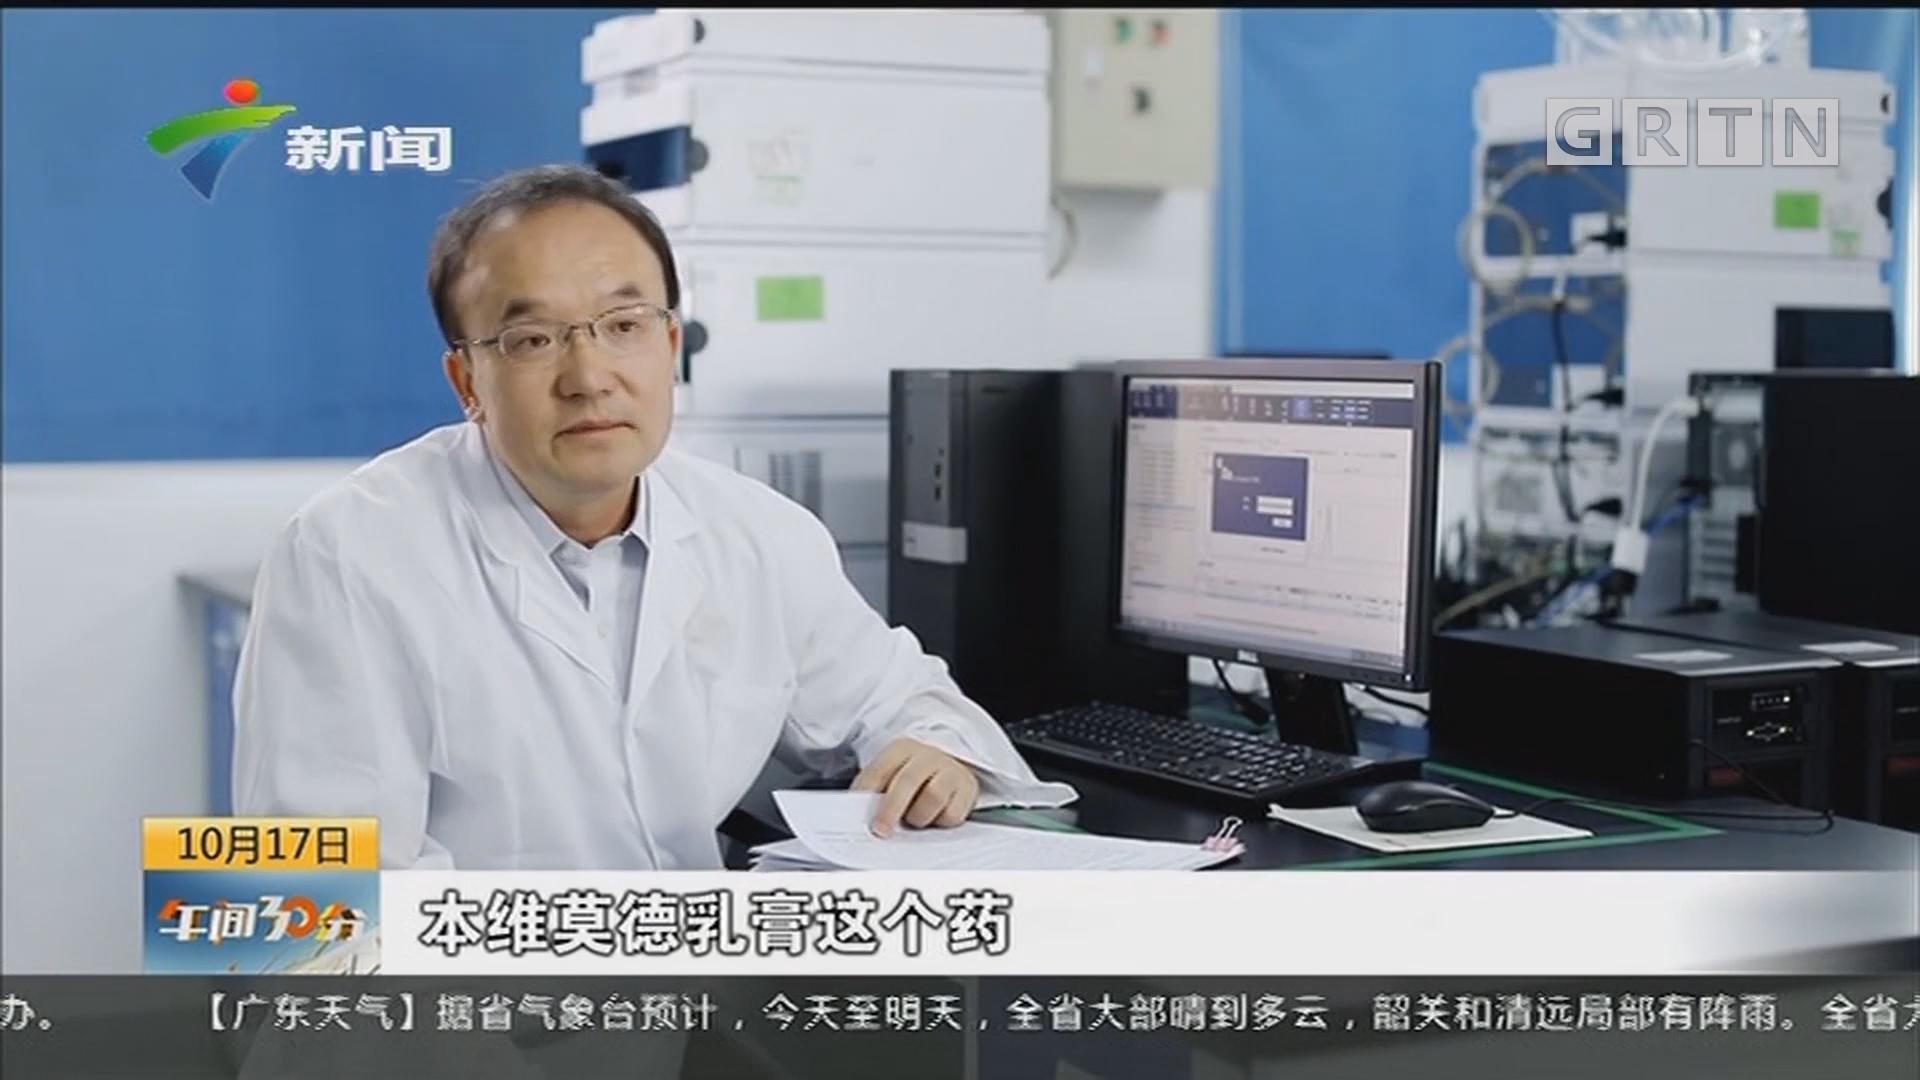 陈庚辉:带领团队研发全球首创药品